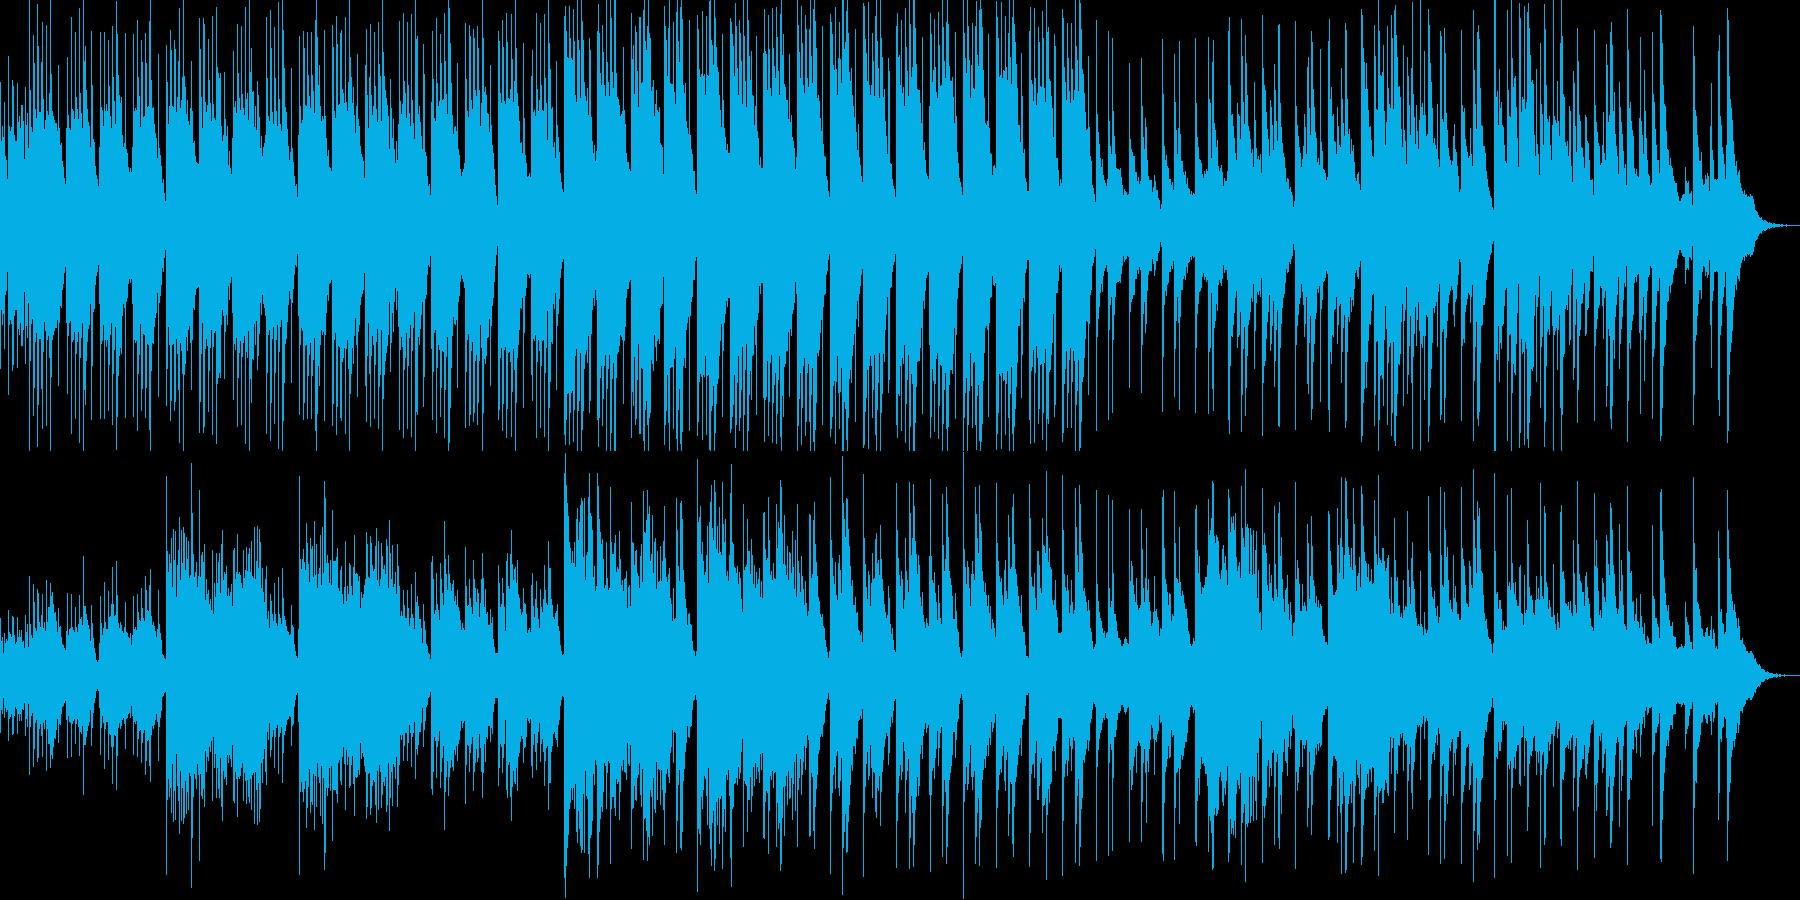 雅楽を感じさせる神秘的な和風の曲の再生済みの波形